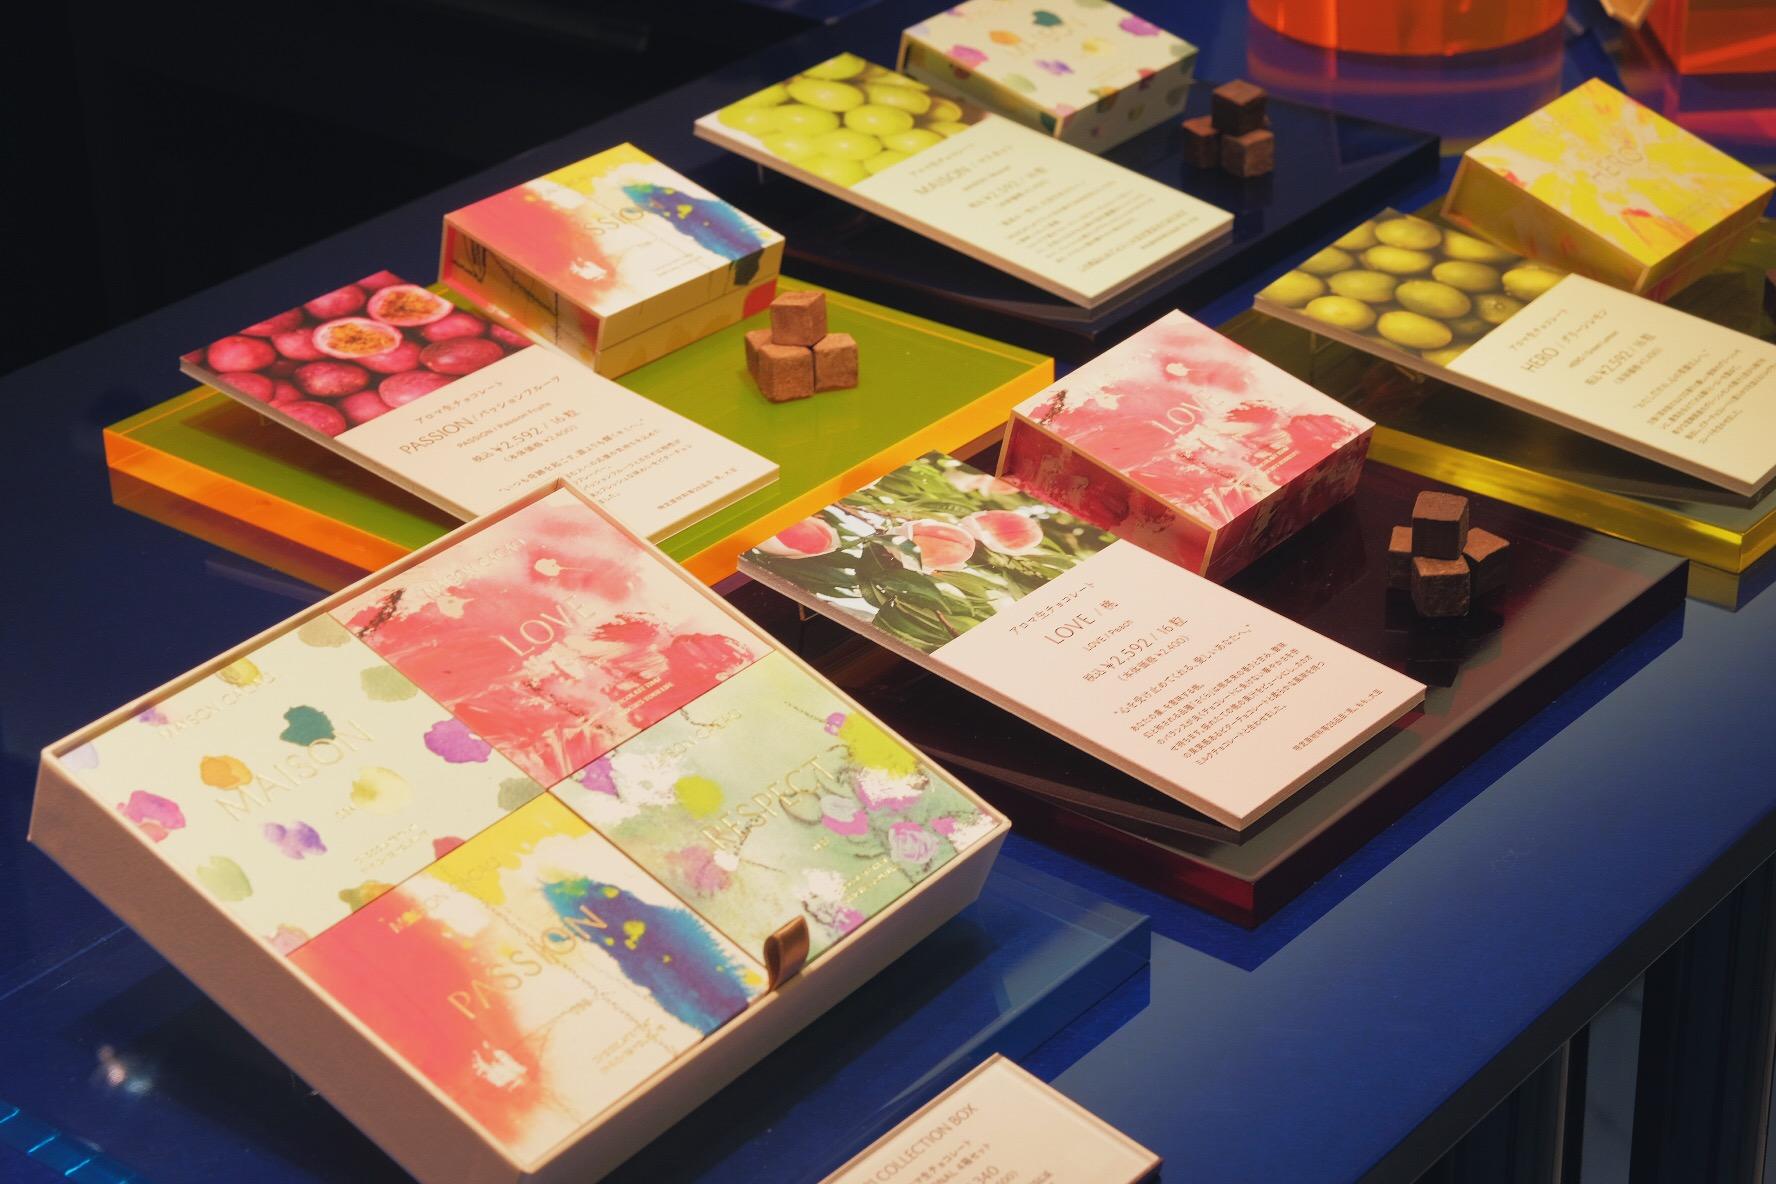 名古屋タカシマヤ地下に「メゾンカカオ(MAISON CACAO)」がオープン!極上の口どけを楽しむ、新作チョコレートスイーツが先行発売 - image4